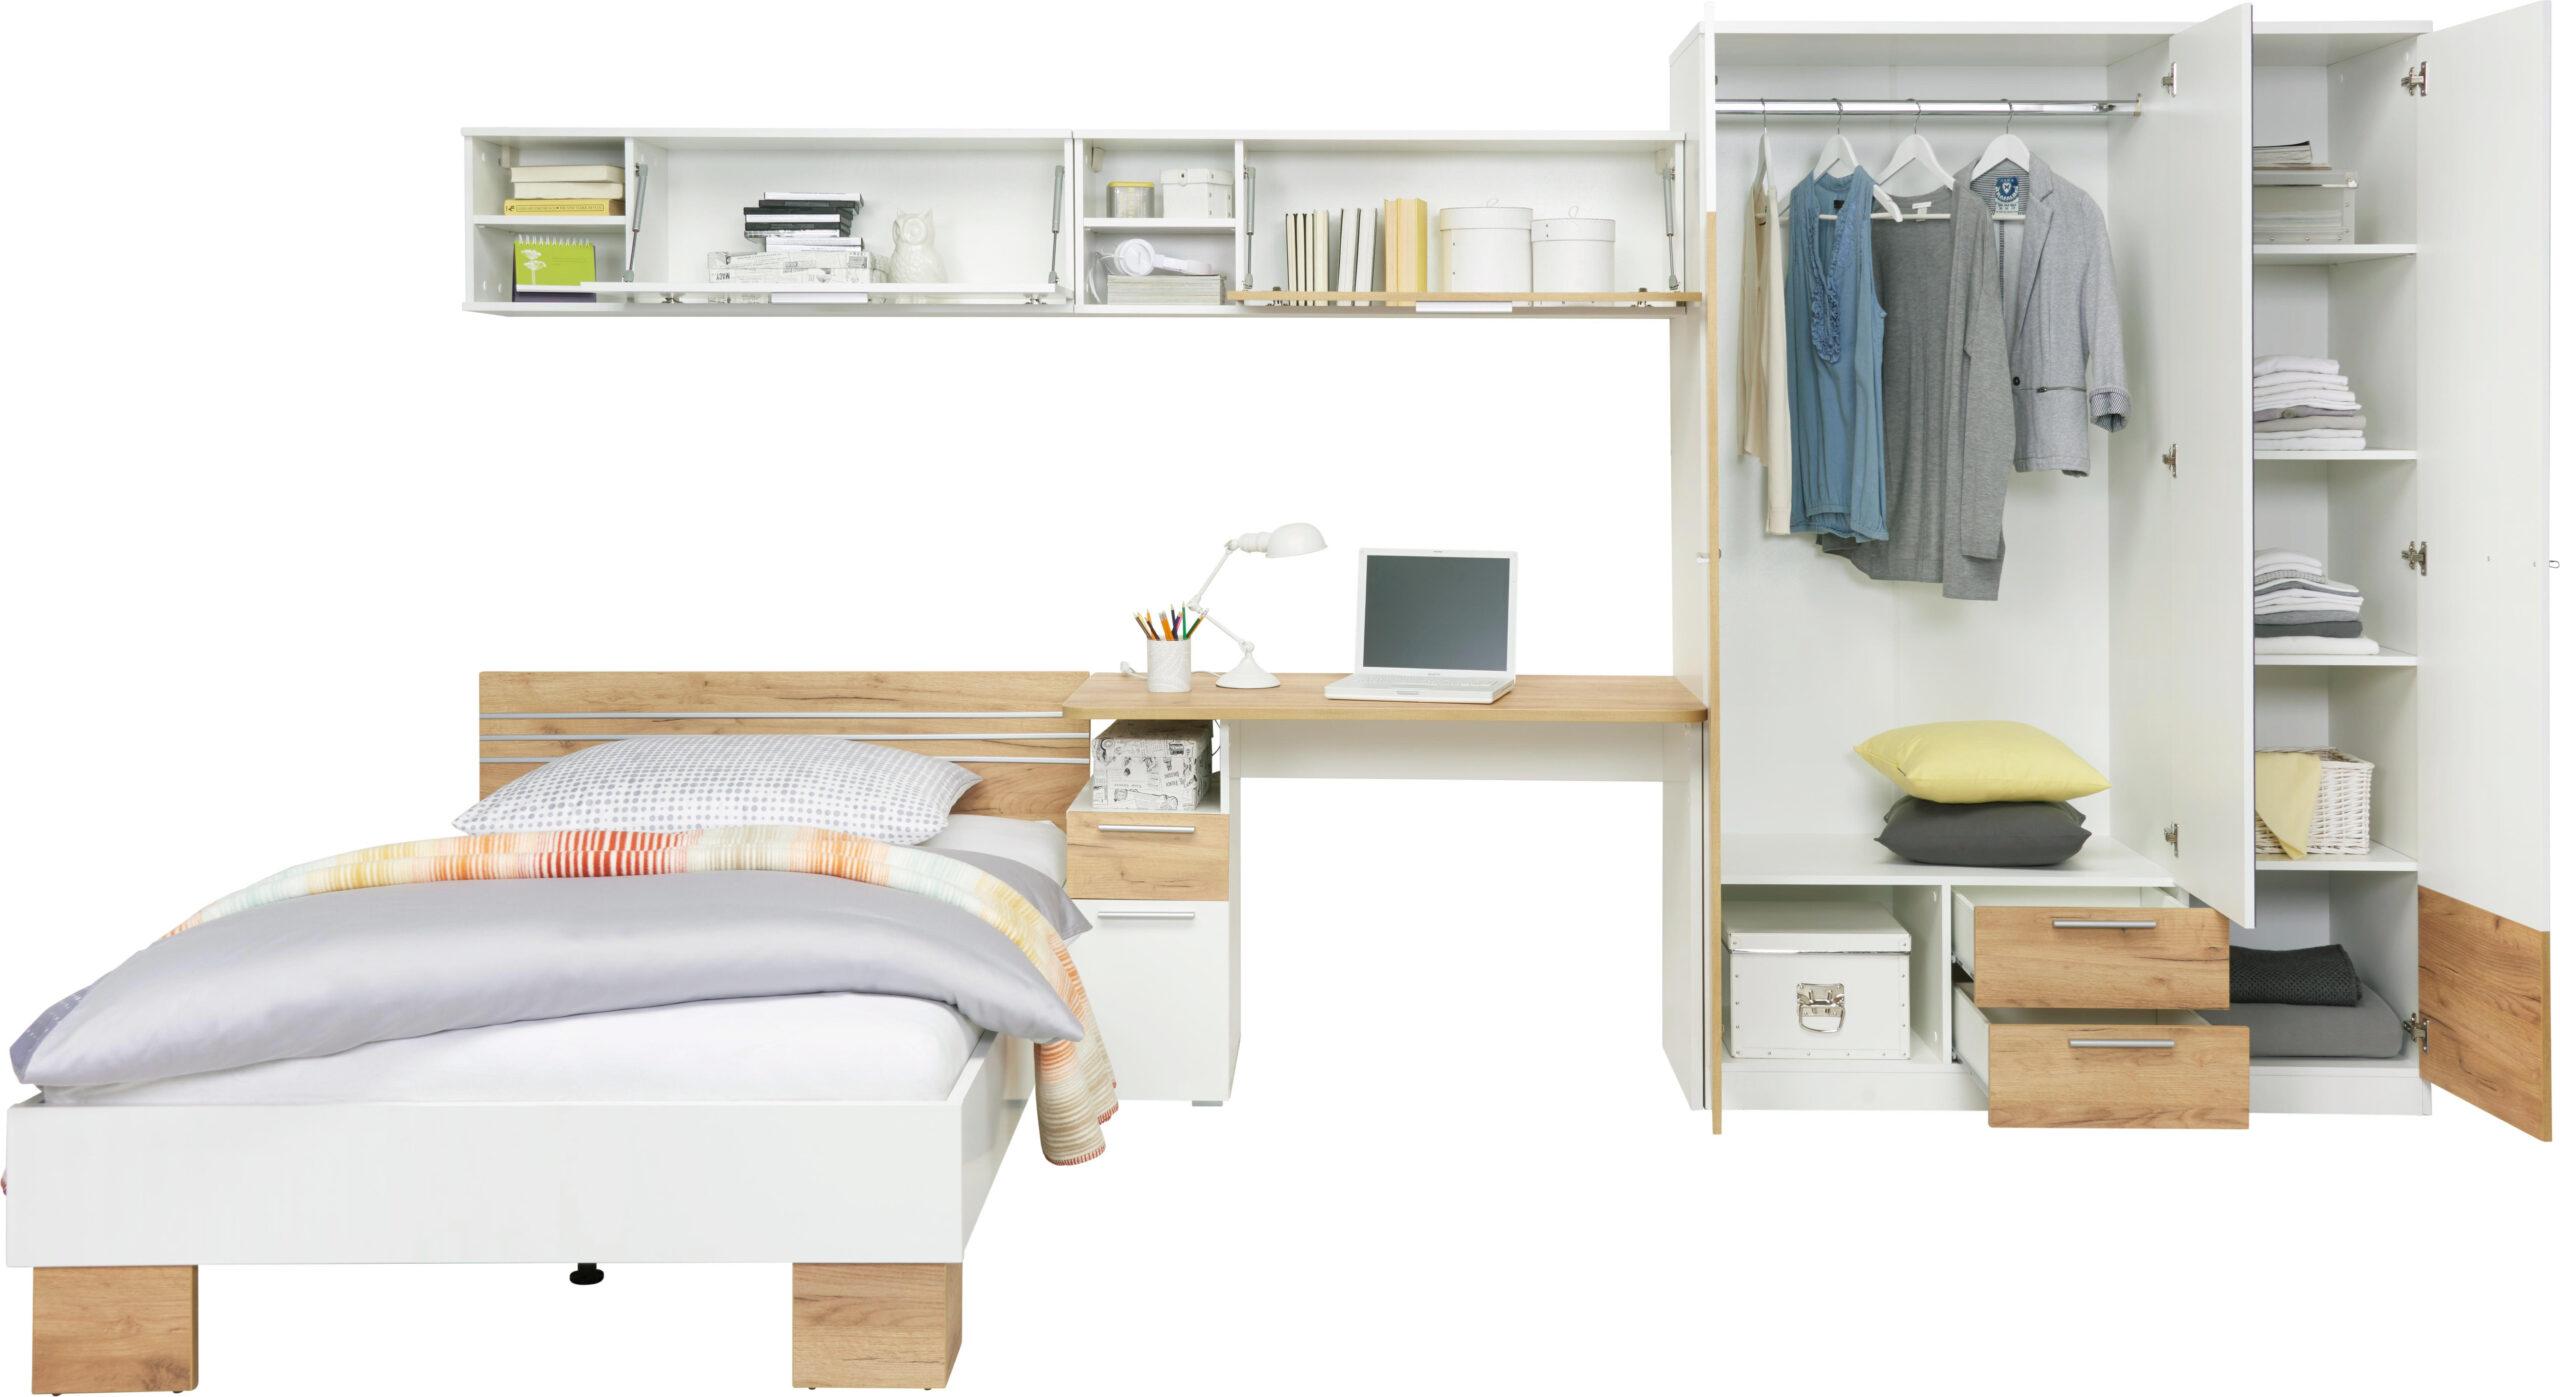 Full Size of Xora Jugendzimmer Komplette Jugenzimmer Online Finden Xxxlutz Sofa Bett Wohnzimmer Xora Jugendzimmer